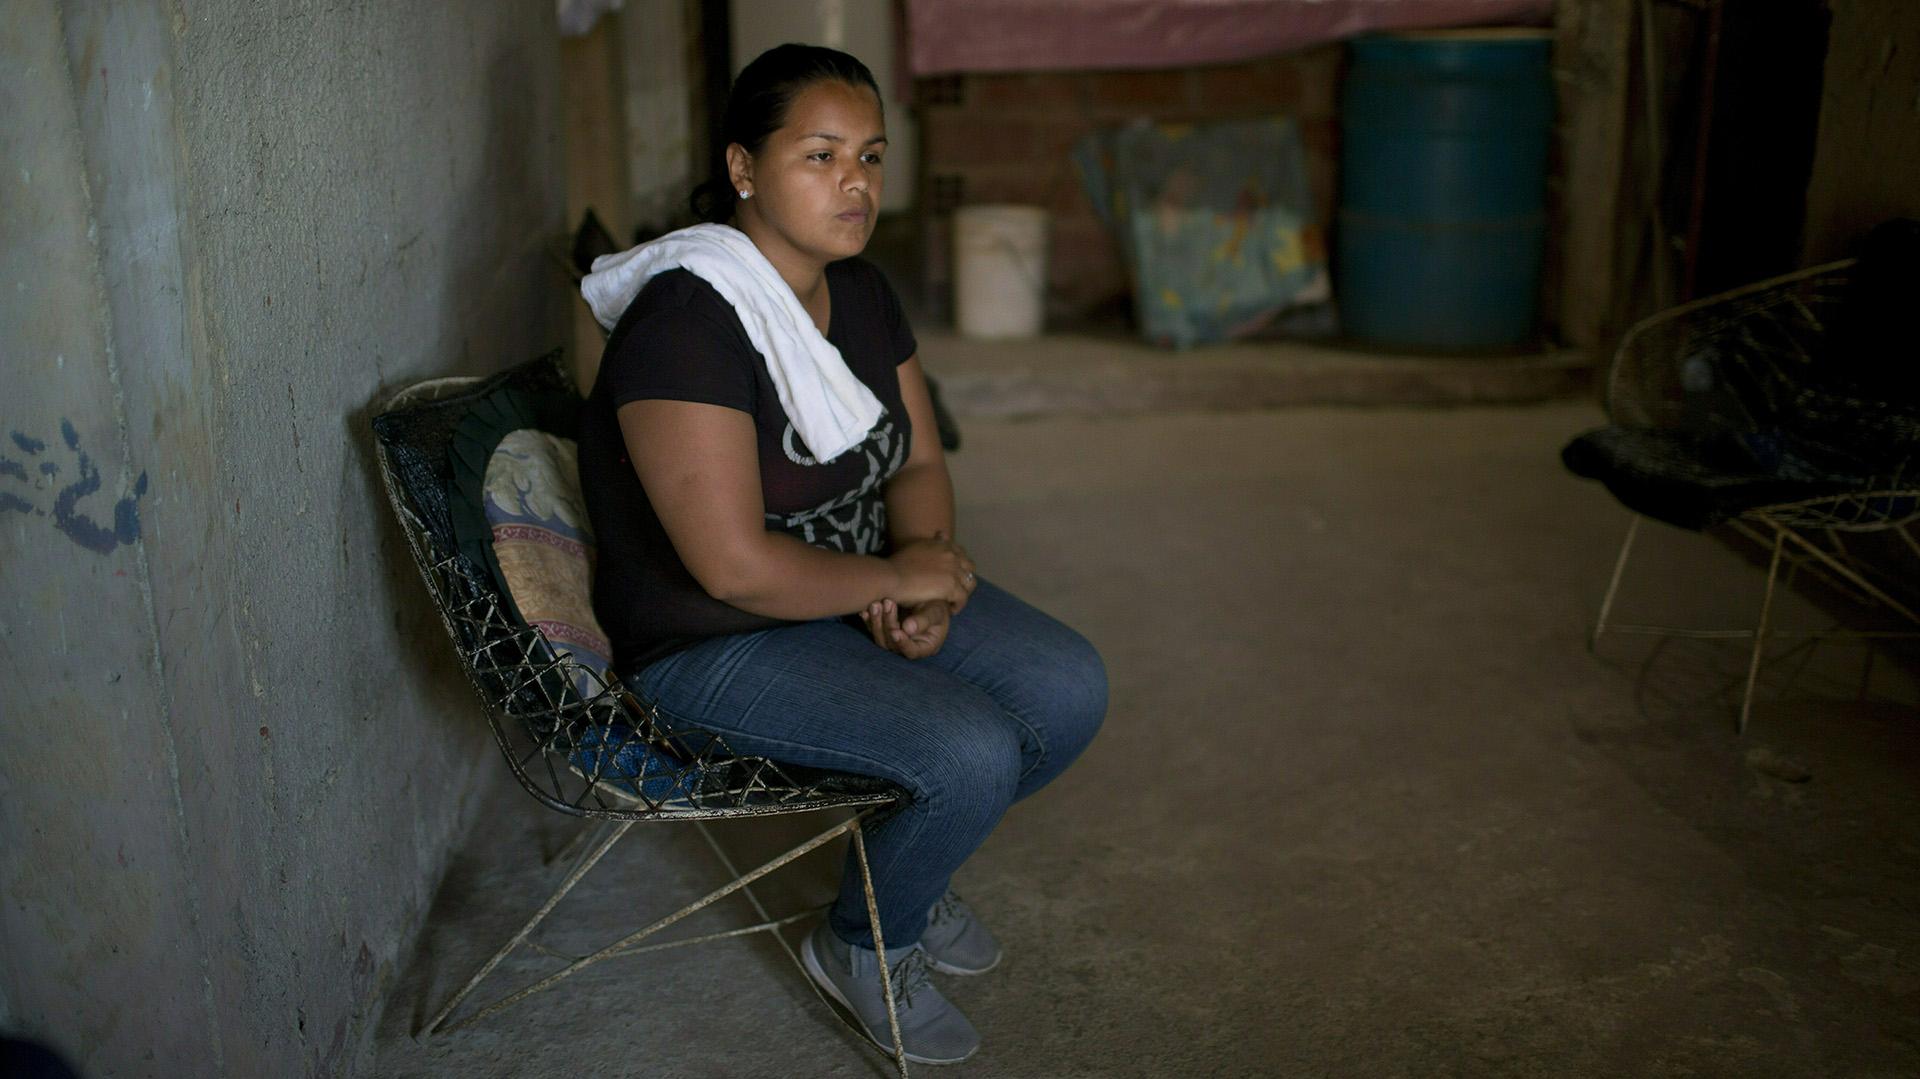 """Marvelis Sinai, prima de Jhonny Godoy, asegura que seguirá """"saliendo a marchar porque lo aprendí de mi primo. Él murió por dejarnos una Venezuela libre"""" (AP /Ariana Cubillos)"""